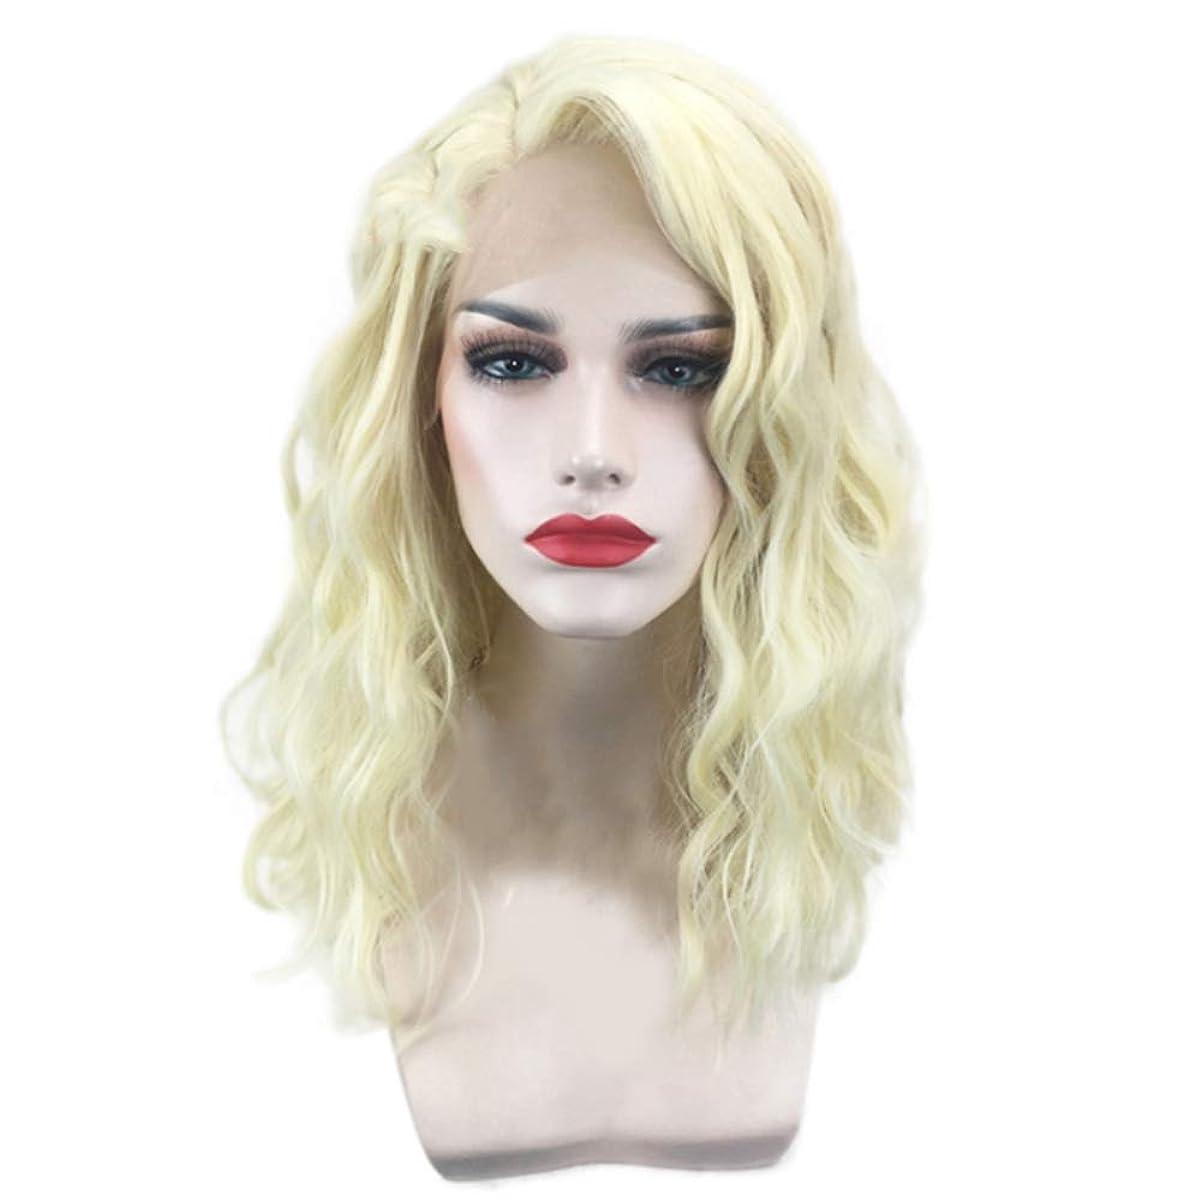 年齢所得思い出させる女性のための短い巻き毛のかつらゴールドウェーブヘアかつら自然に見える耐熱合成ファッションかつらコスプレ気質